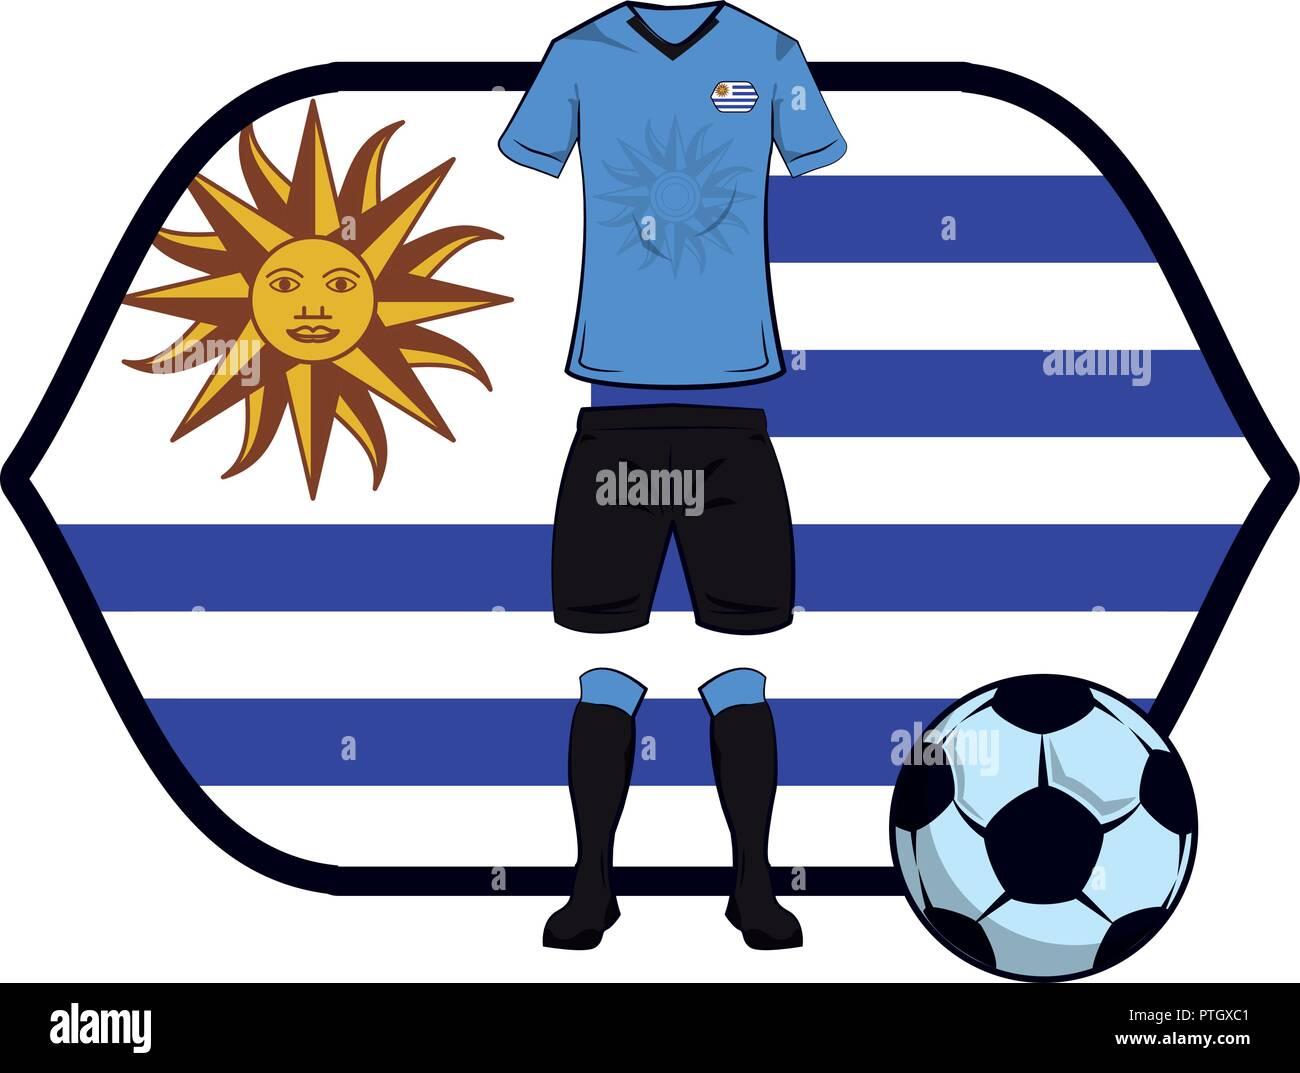 3a5cbed97f7 Uruguay soccer uniform Stock Vector Art & Illustration, Vector Image ...